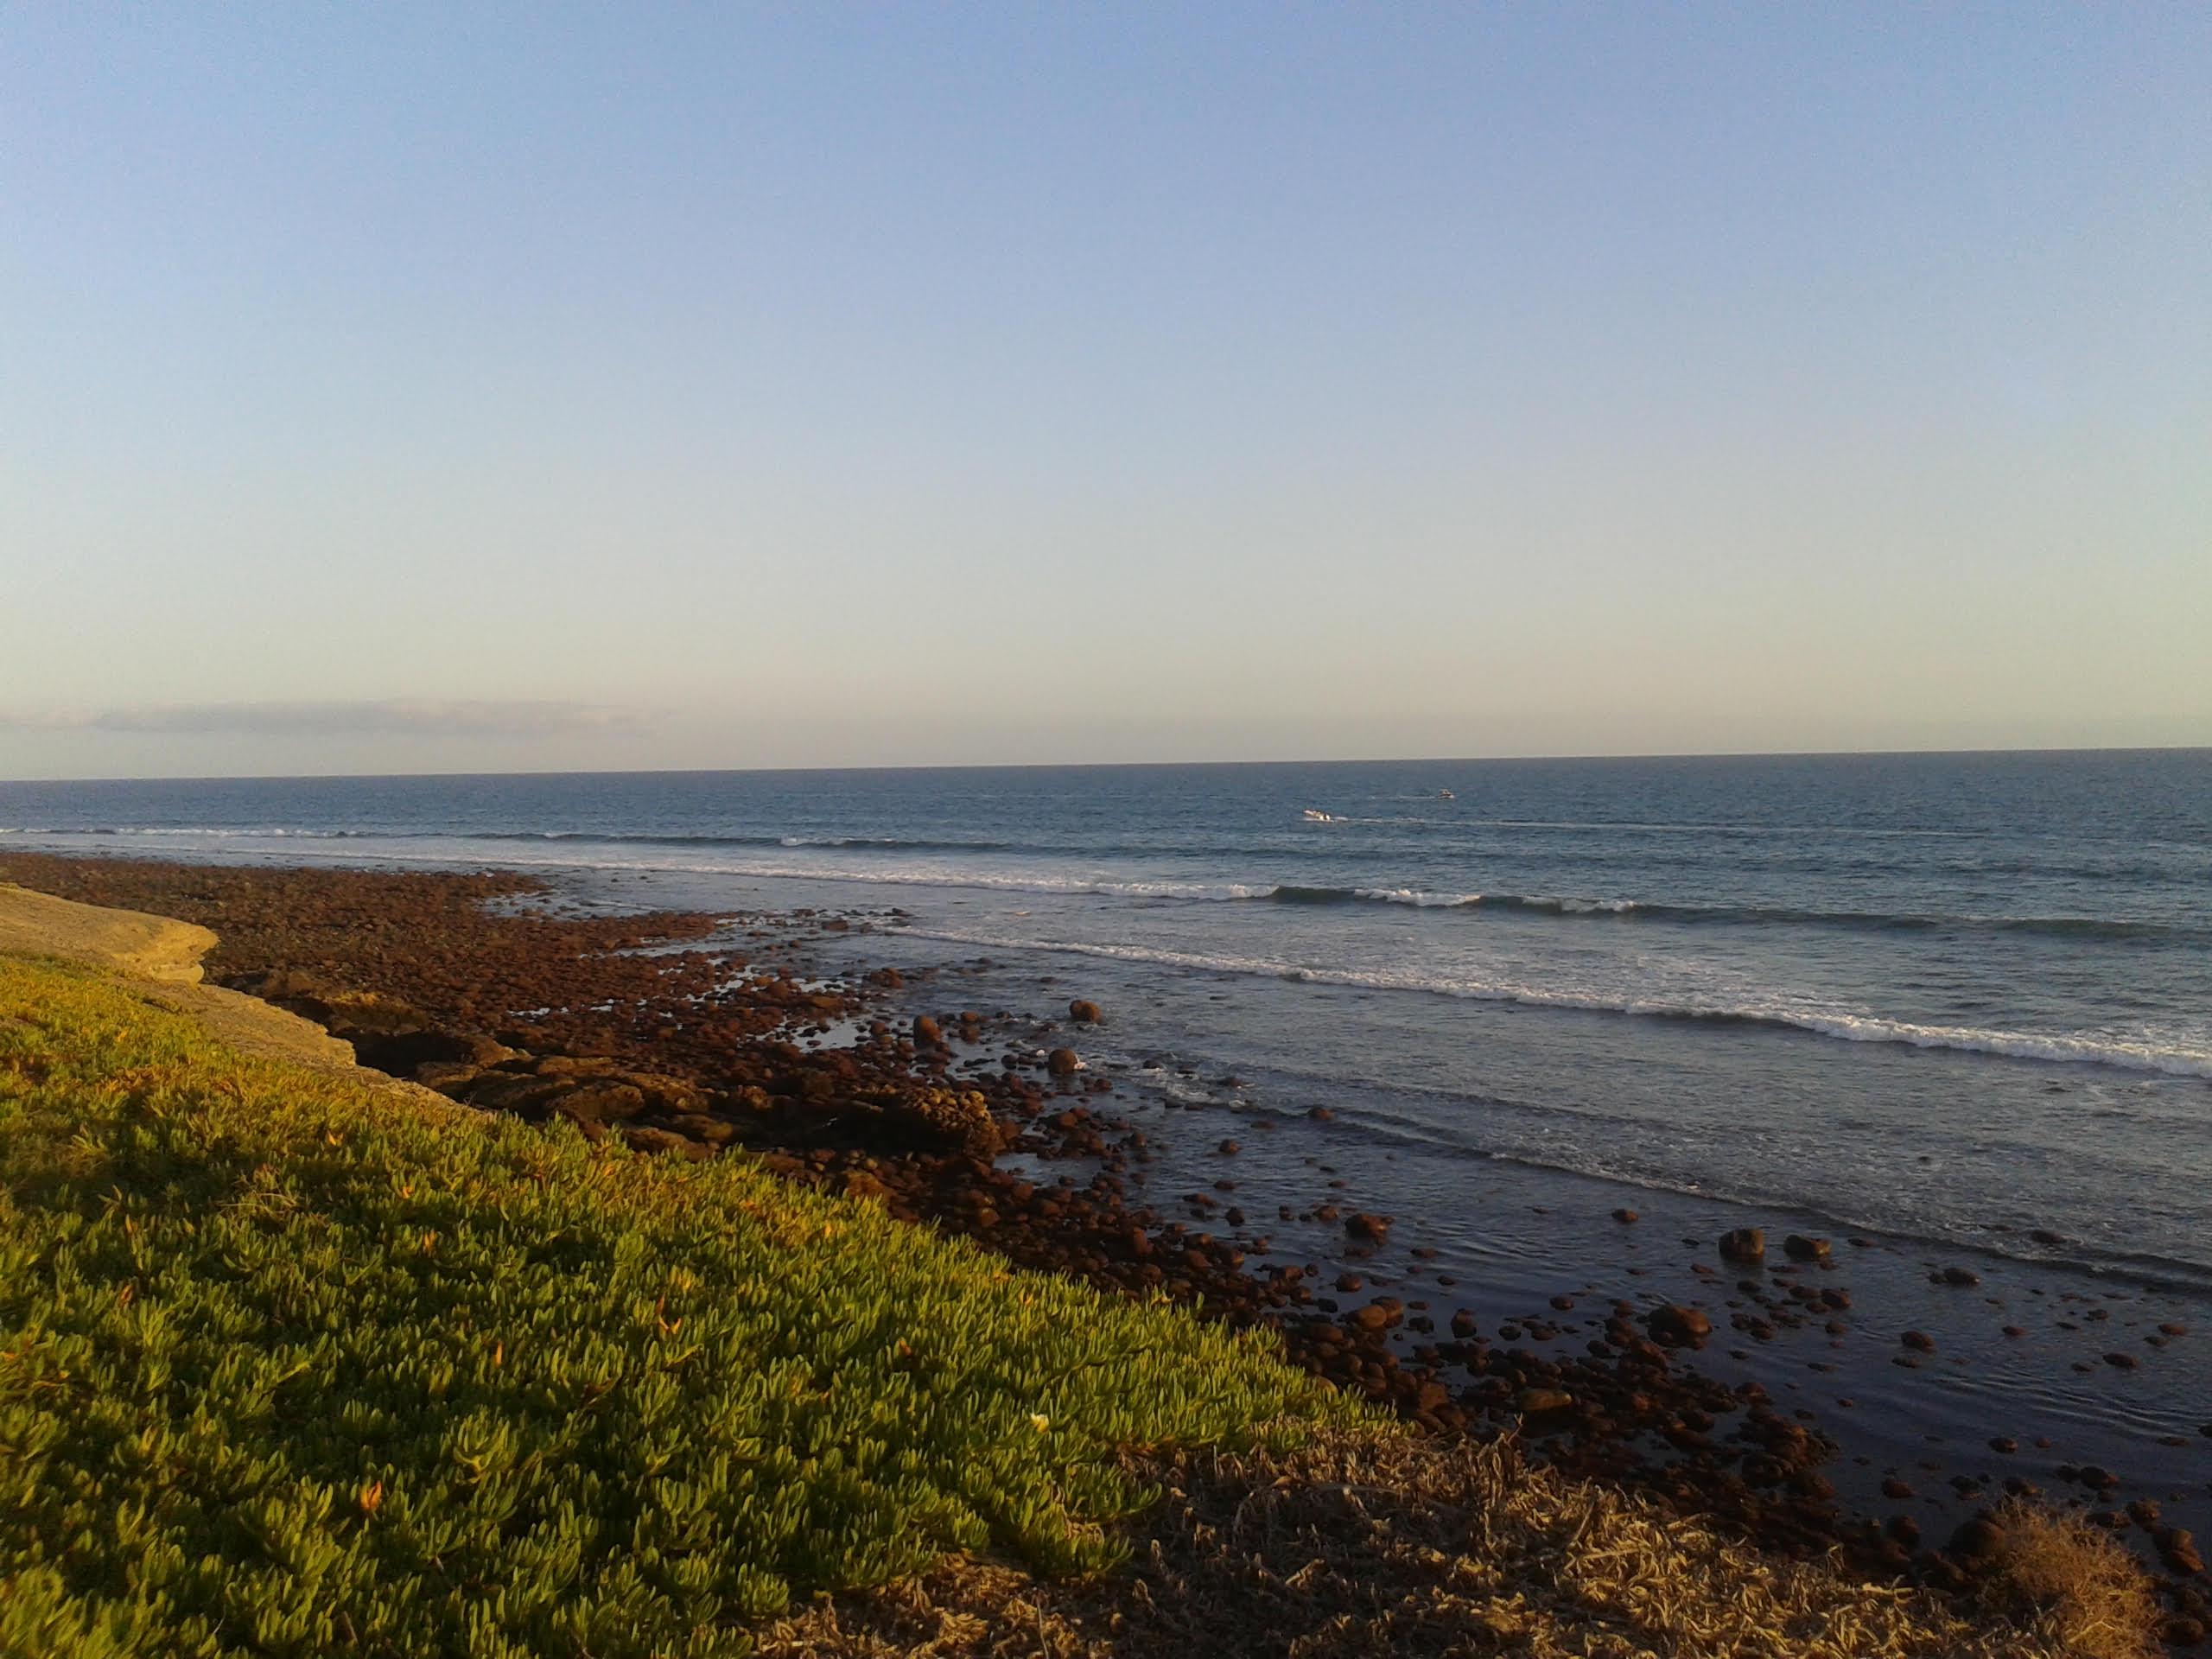 Figura 1: bassa marea a Meloneras, Isole Canarie, Oceano Atlantico. In oceano aperto le maree, non ostacolate dalle masse continentali, raggiungono ampiezze rilevanti.